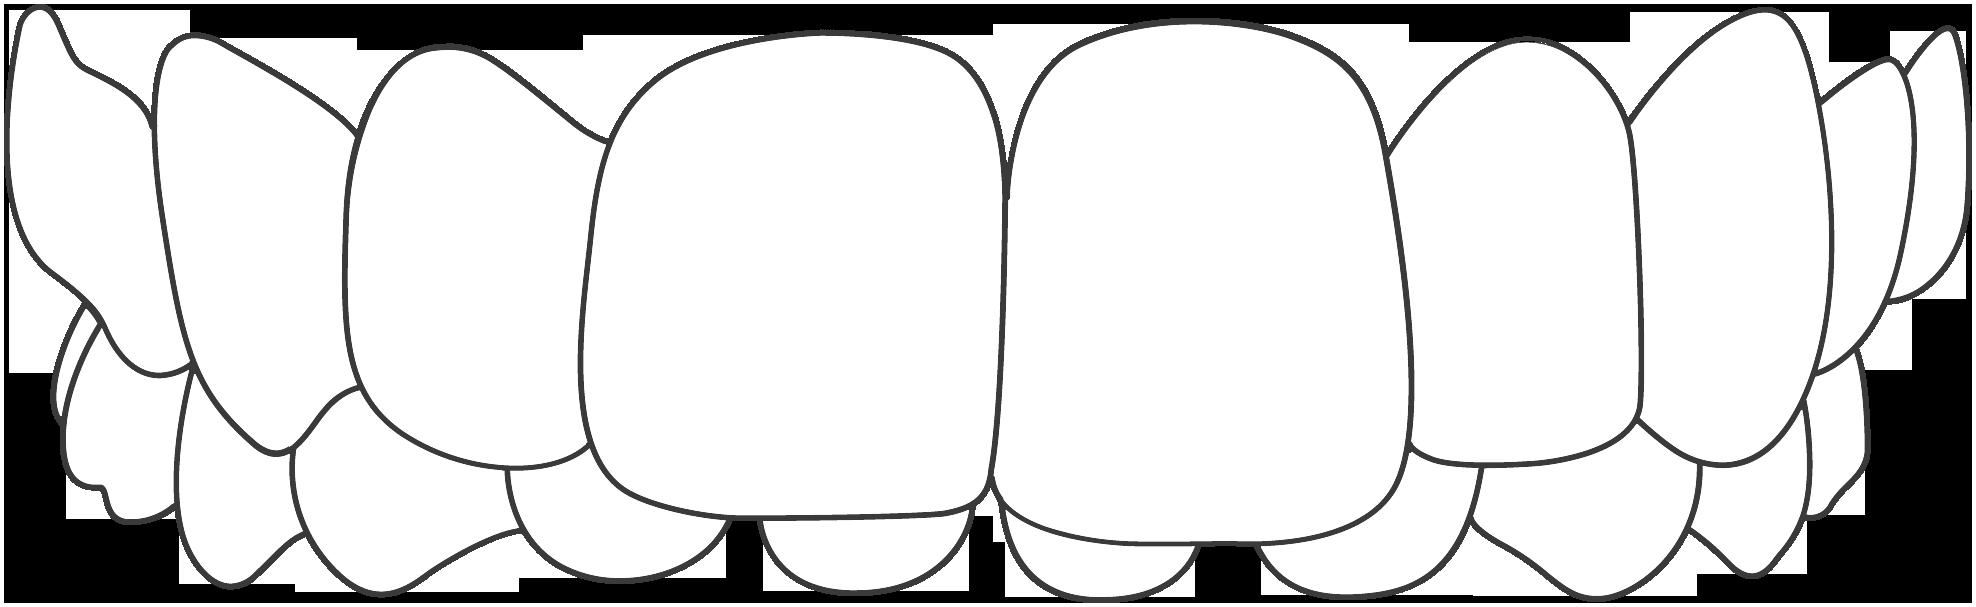 Överbett/Djupbett